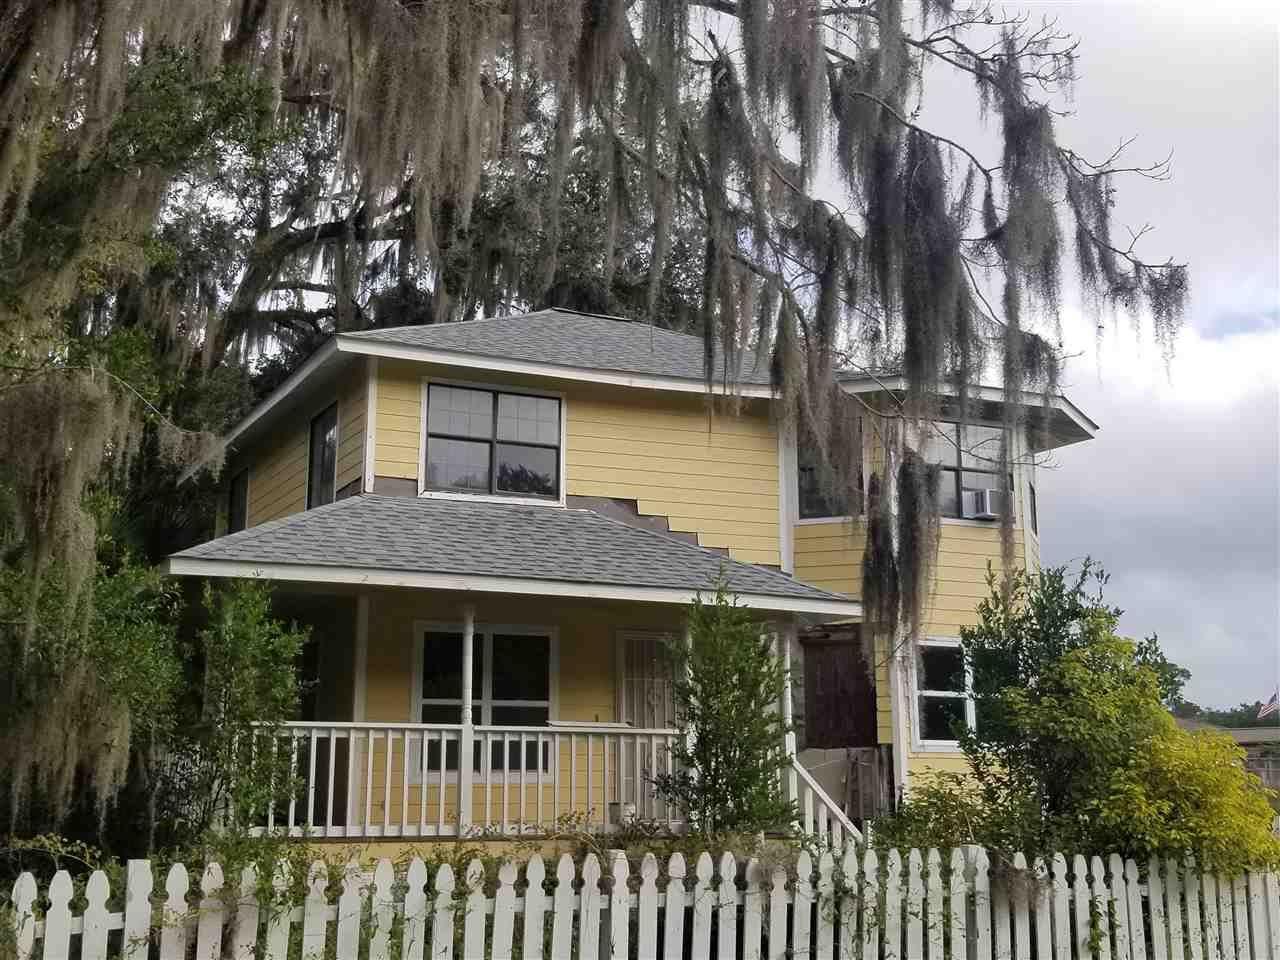 201 W Saxon Street, Perry, FL 32348 - MLS#: 325094